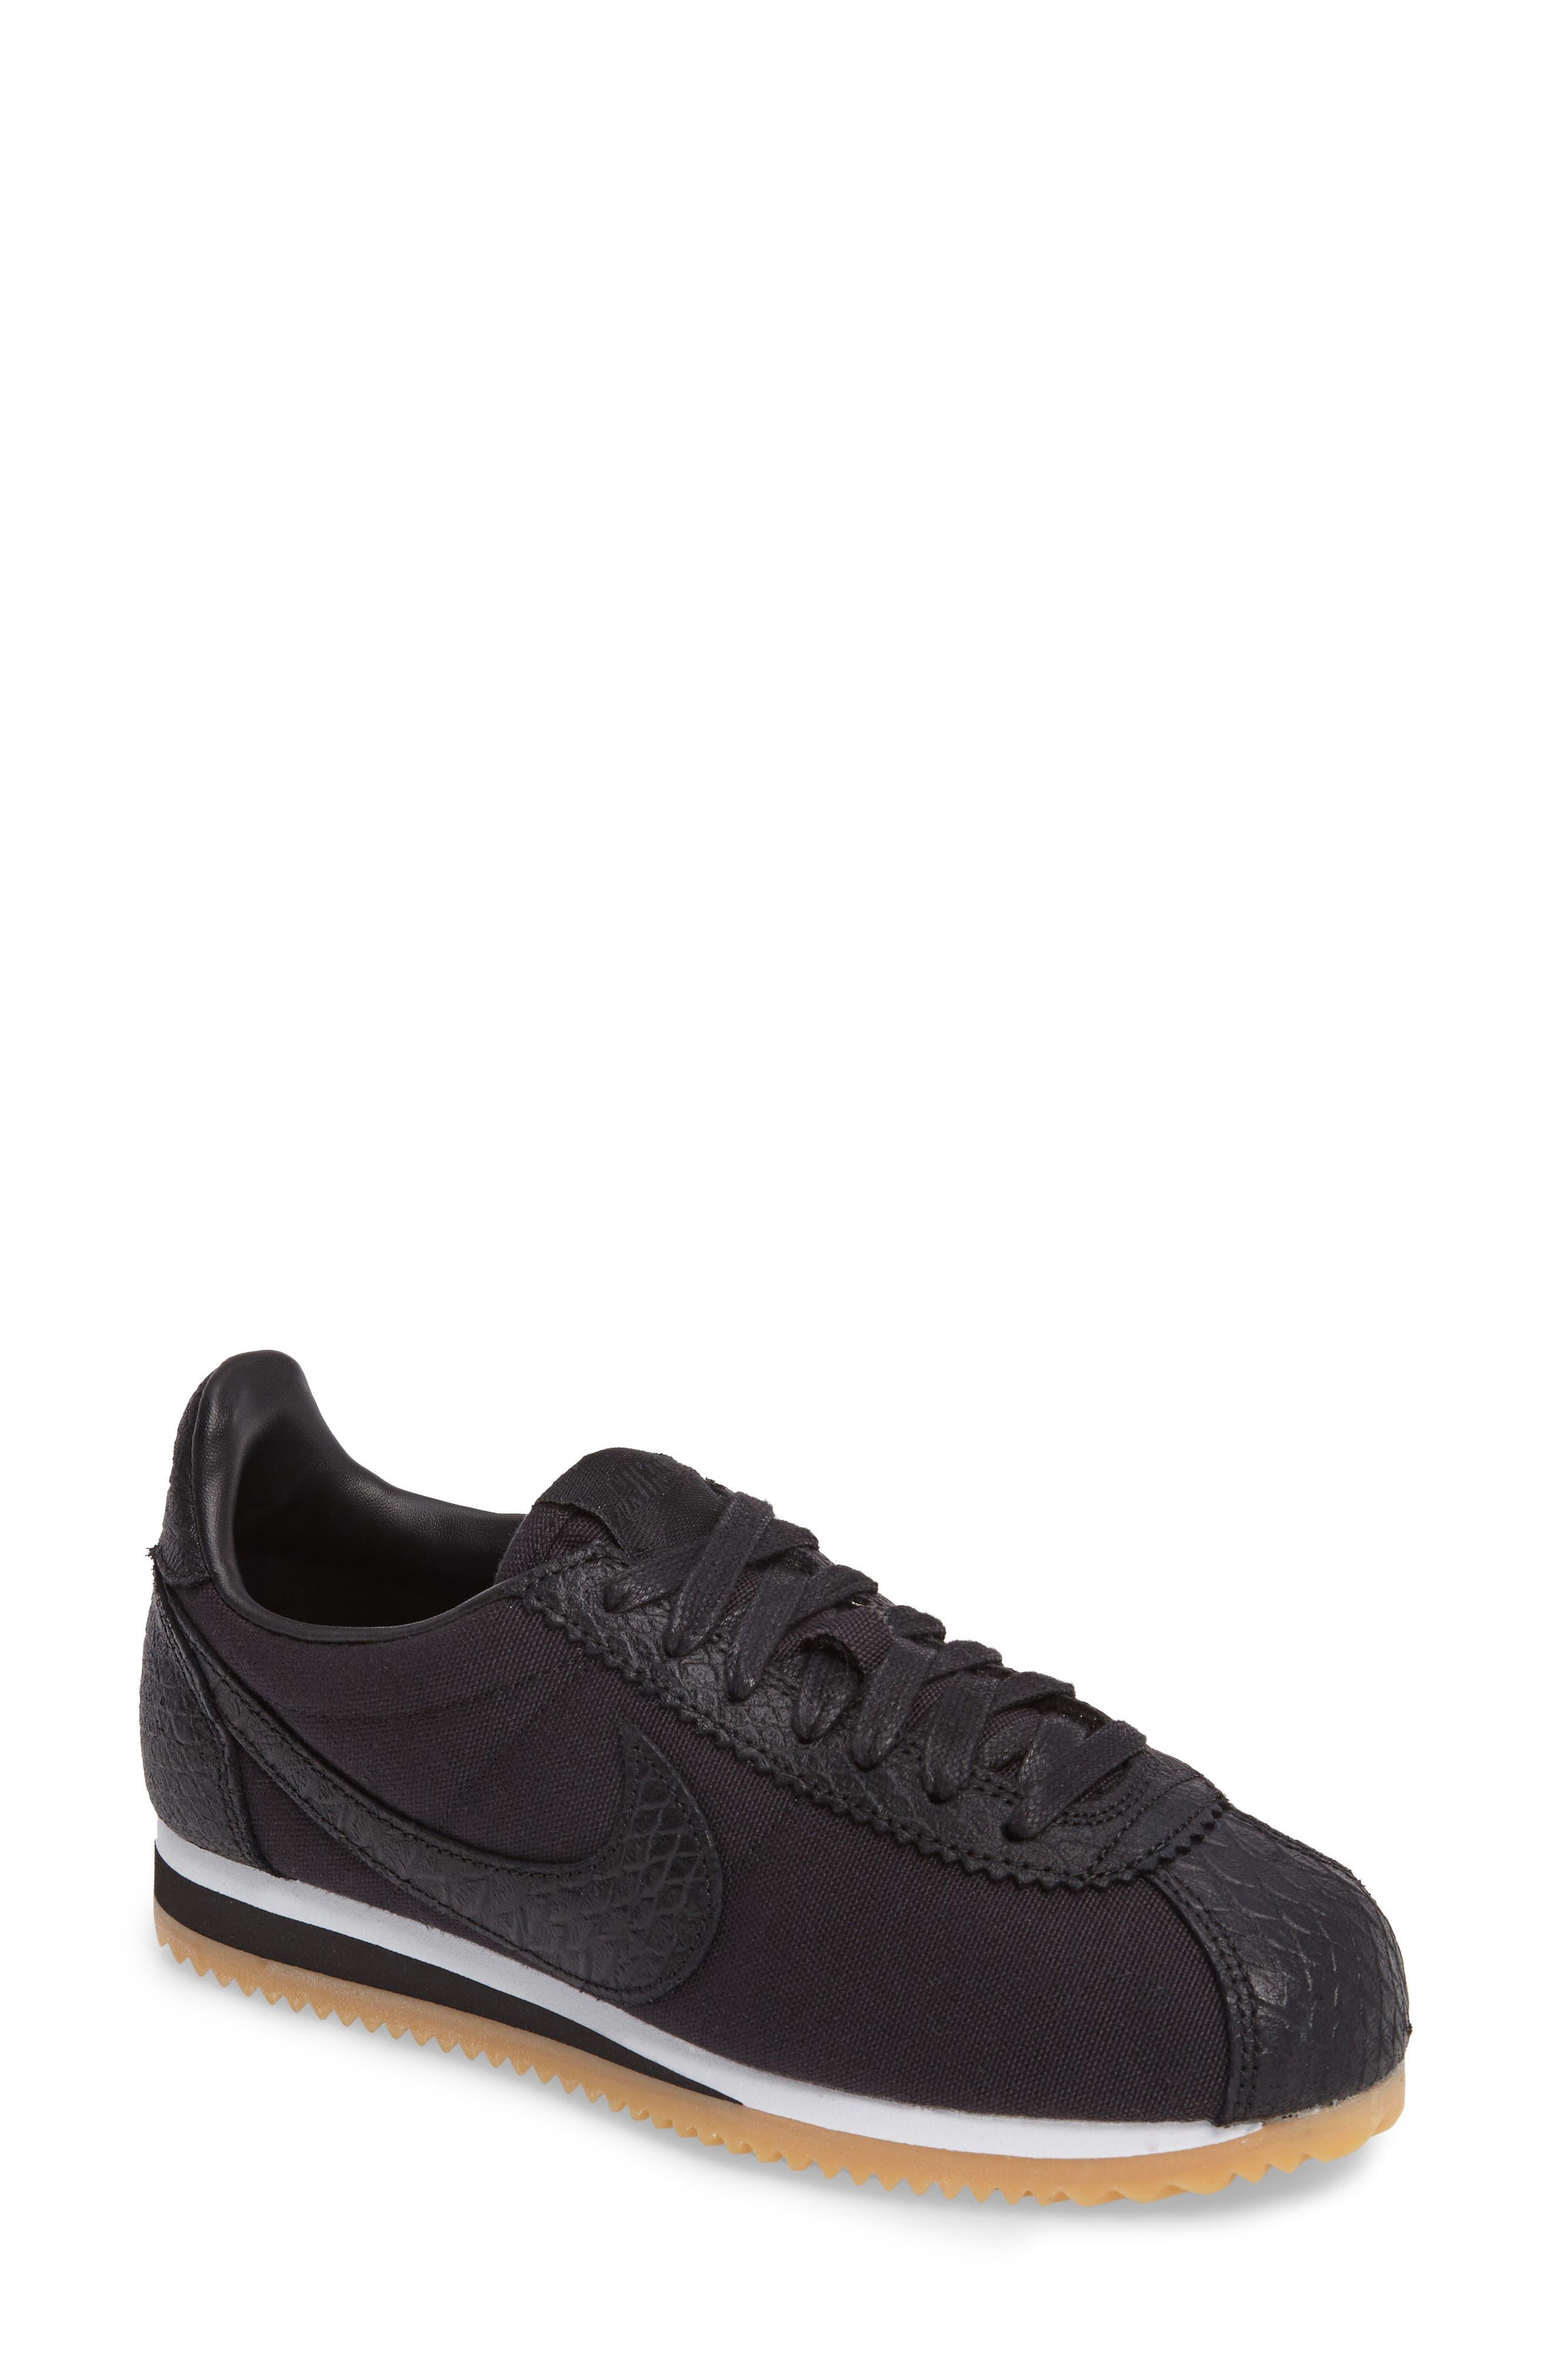 Classic Cortez SE Sneaker,                         Main,                         color, Black/ White/ Gum Yellow